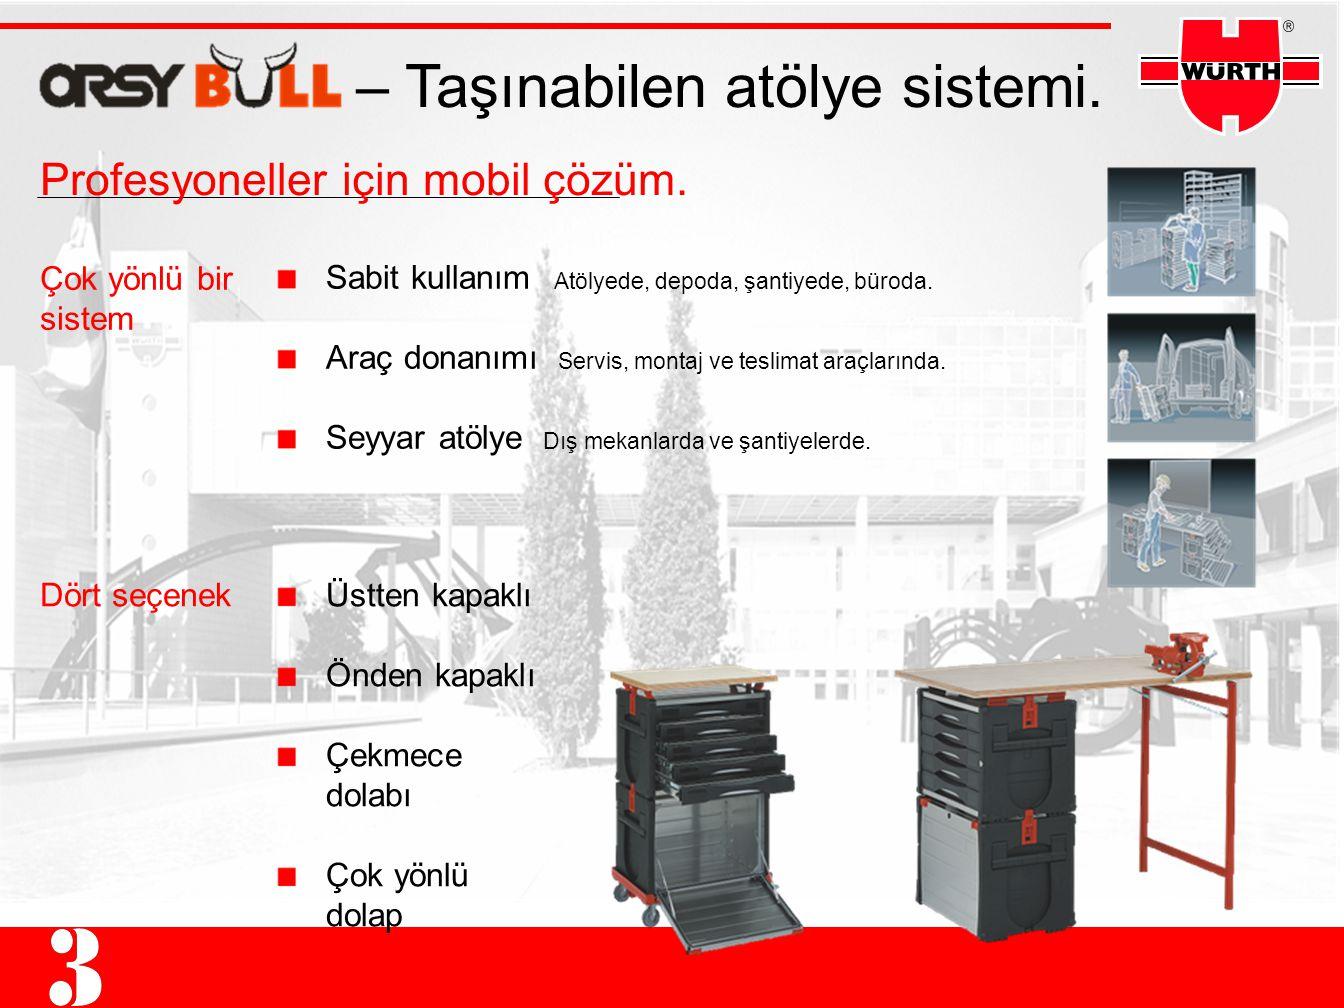 – Taşınabilen atölye sistemi. Sabit kullanım Atölyede, depoda, şantiyede, büroda. Araç donanımı Servis, montaj ve teslimat araçlarında. Seyyar atölye